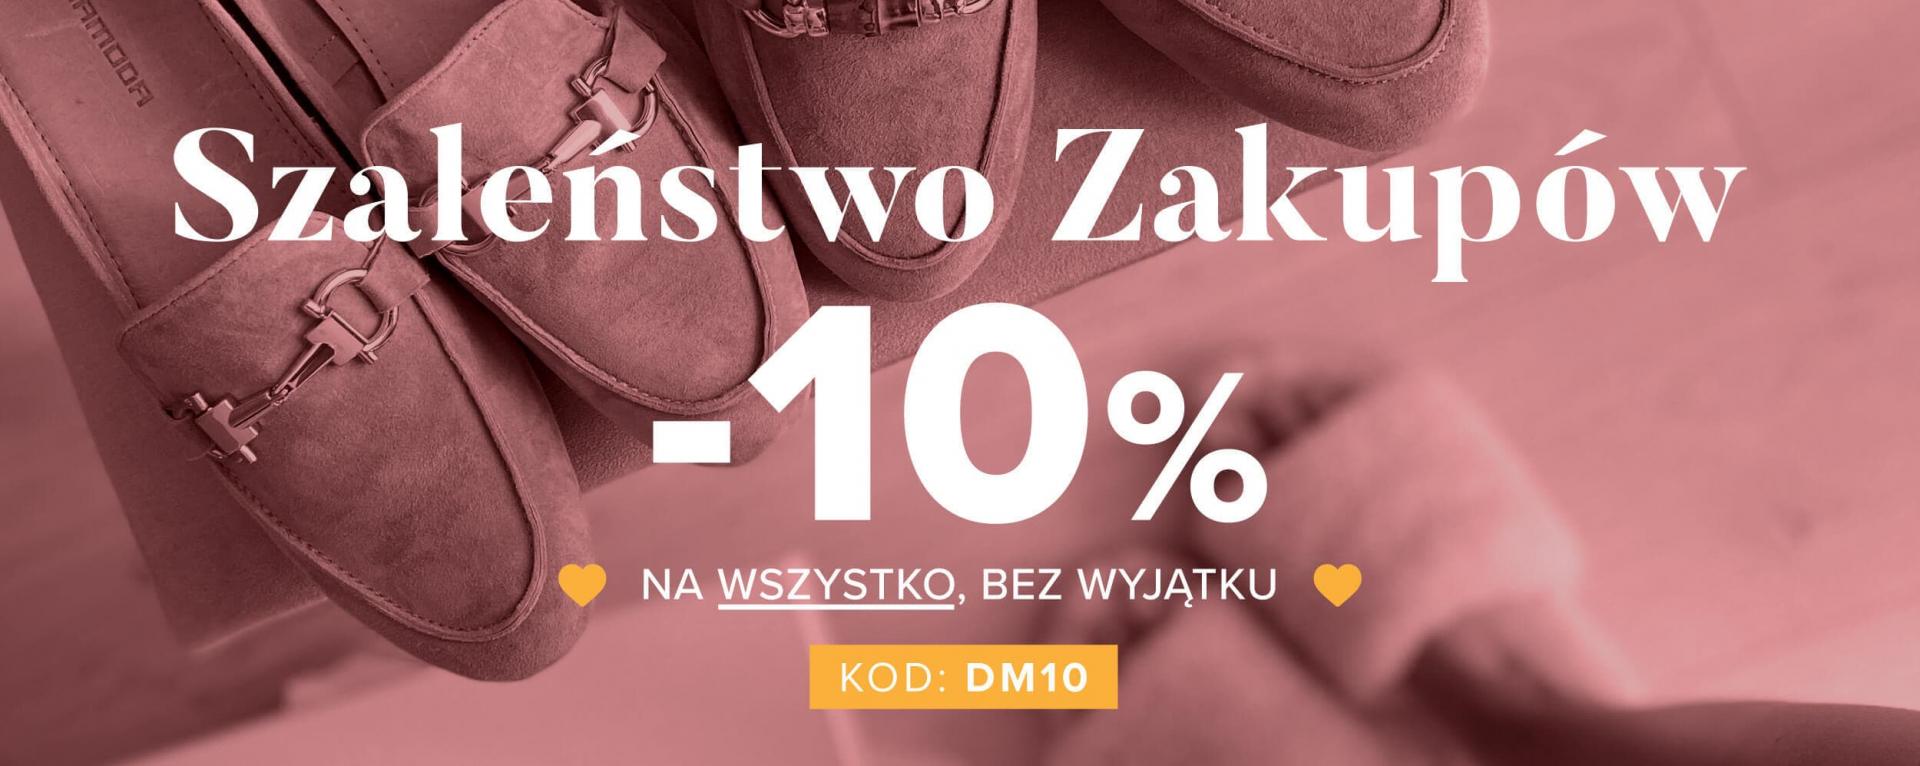 Primamoda: 10% zniżki na cały asortyment obuwia damskiego i męskiego, torebek oraz galanterii skórzanej